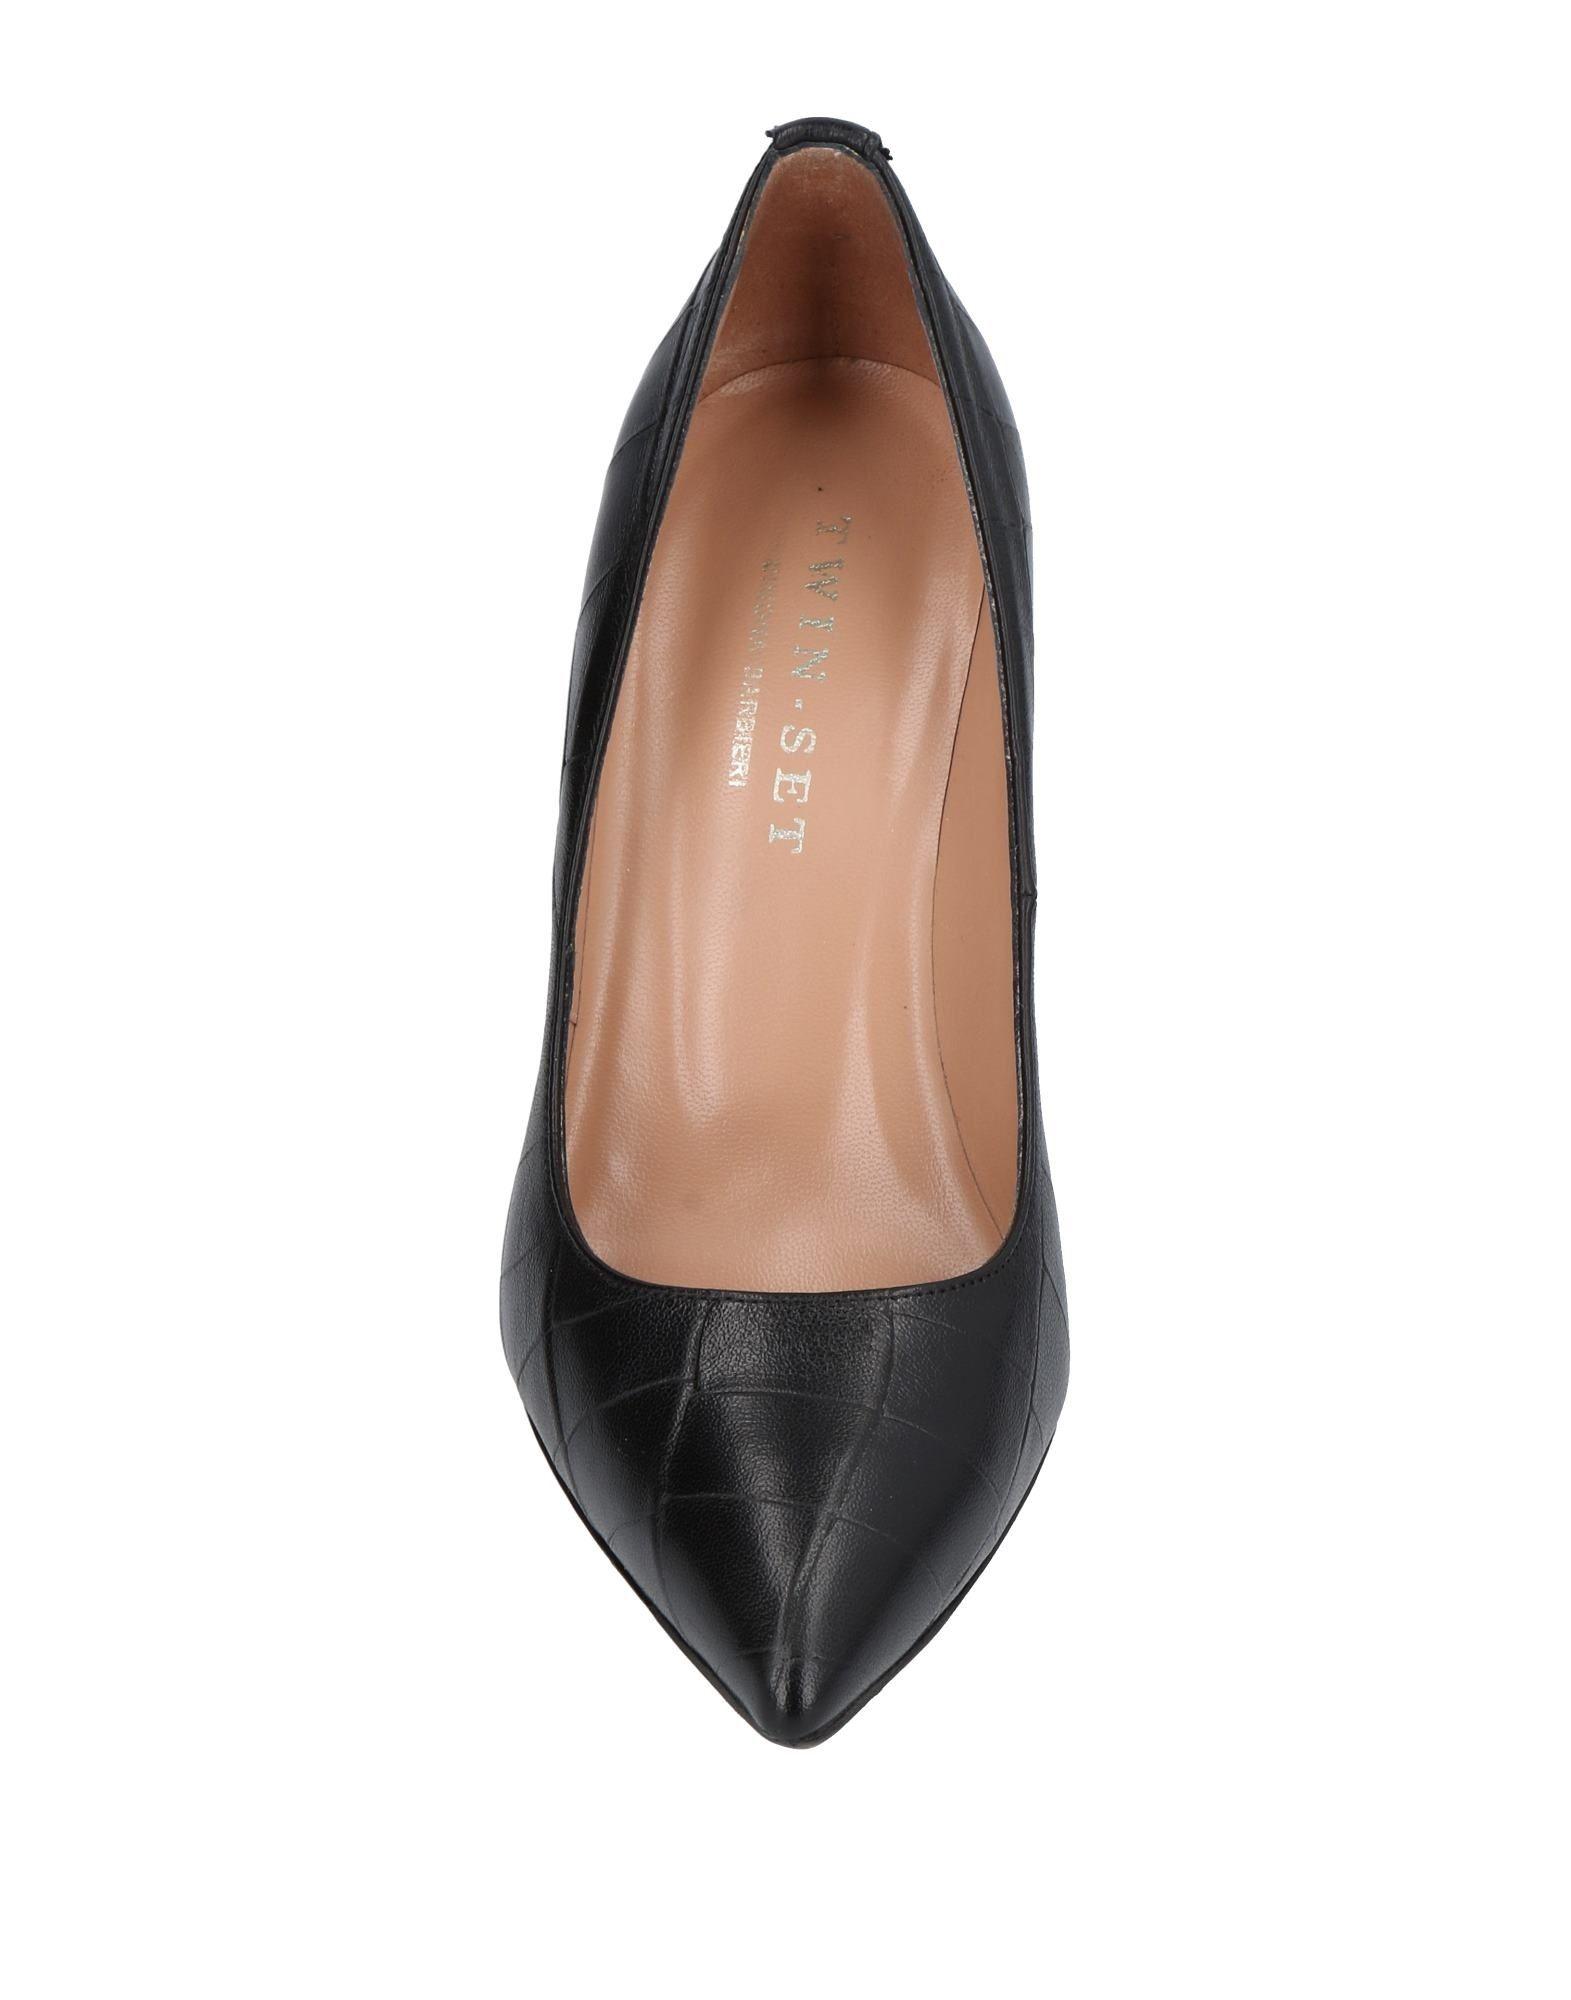 Twin 11317441MI Gute Qualität beliebte Schuhe Schuhe beliebte 50a00a